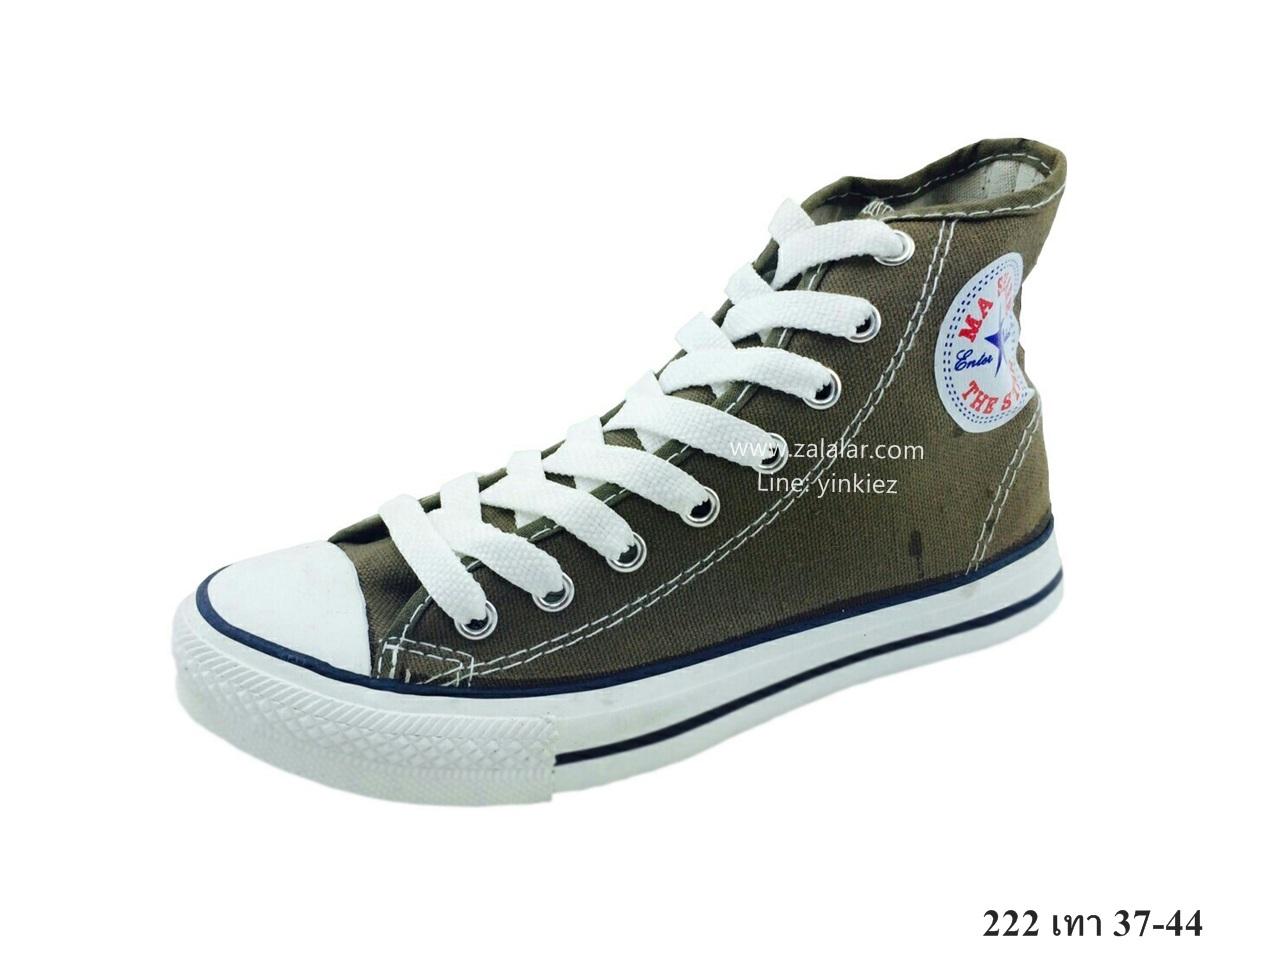 [พร้อมส่ง] รองเท้าผ้าใบแฟชั่น รุ่น 222 สีเทา ทรงหุ้มข้อ